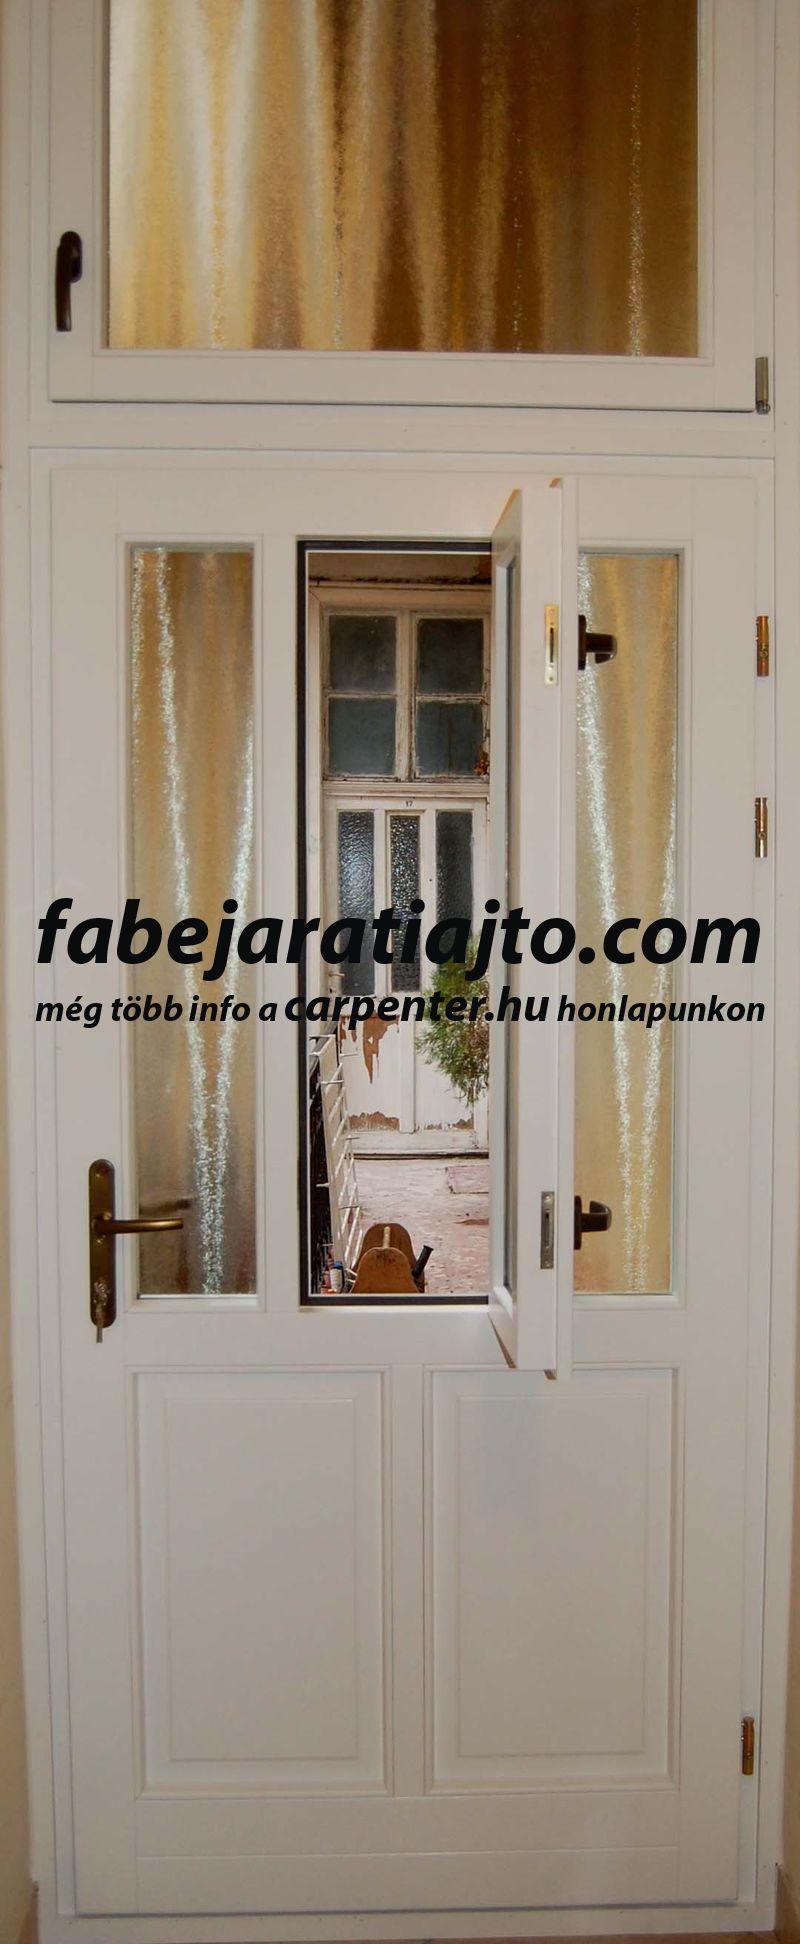 fehér színű fa bejárati ajtó